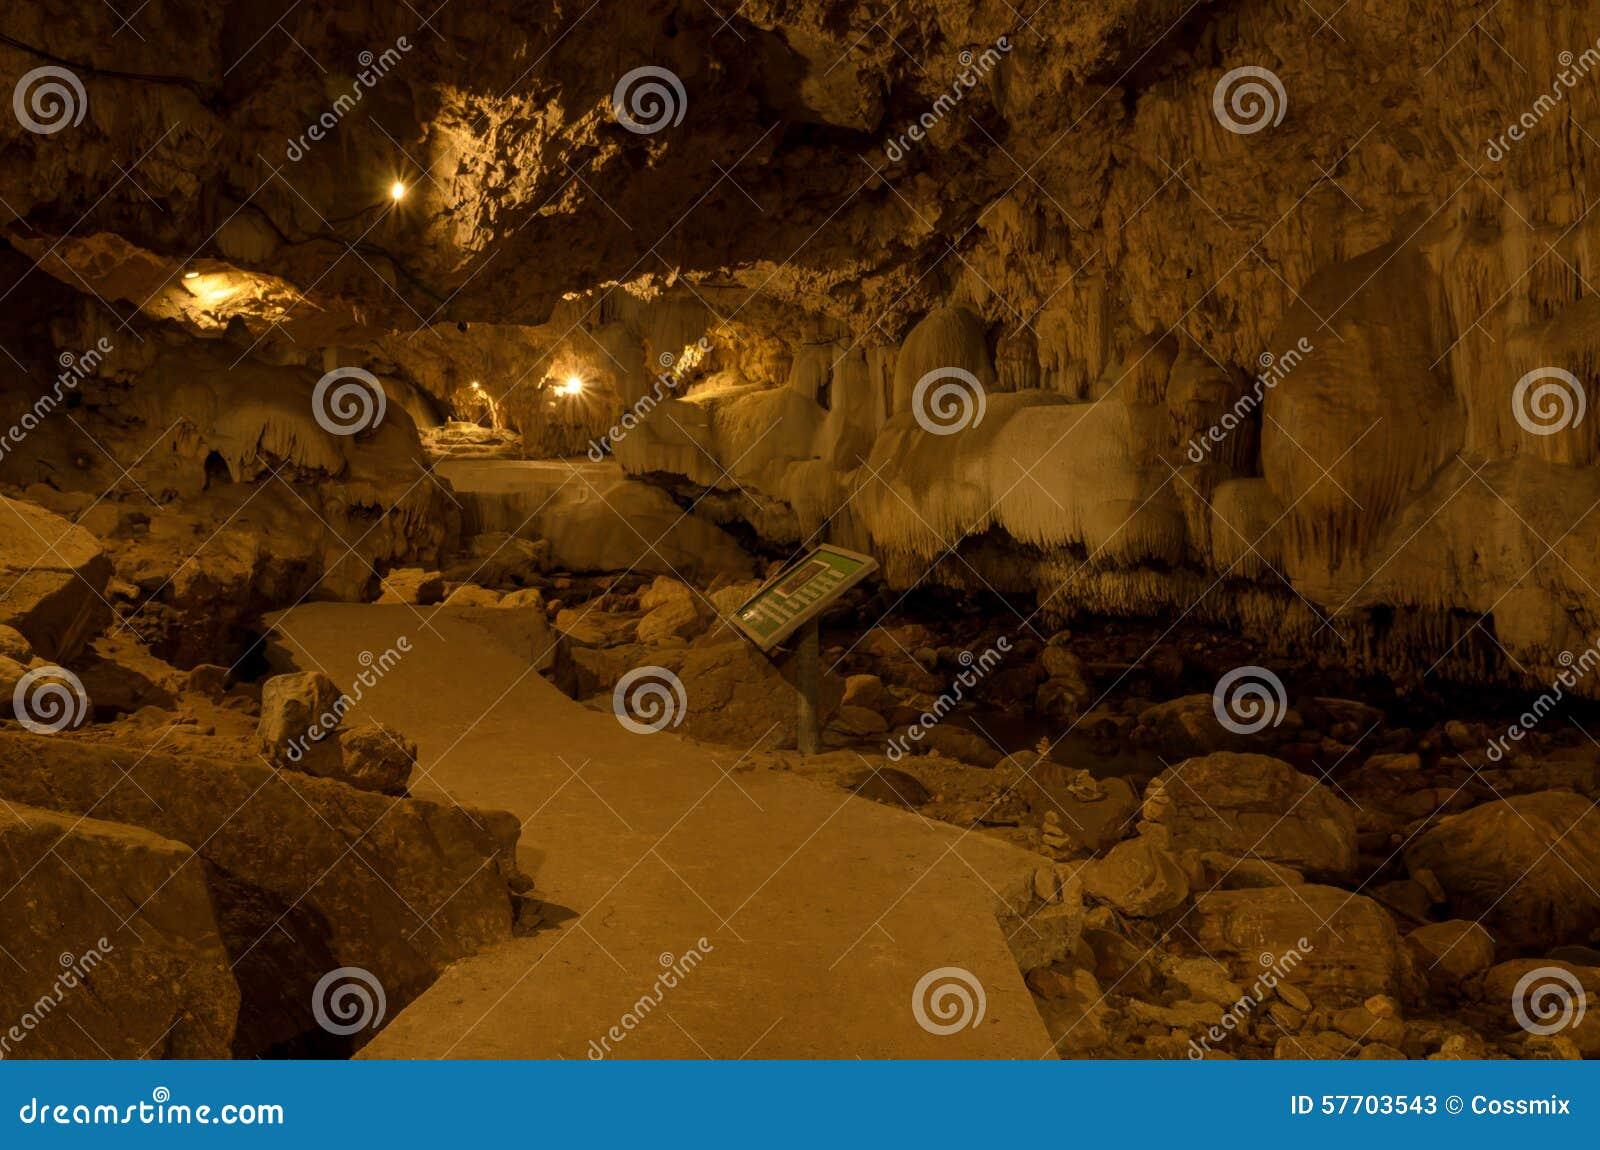 Binnen dan Lod Noi Cave